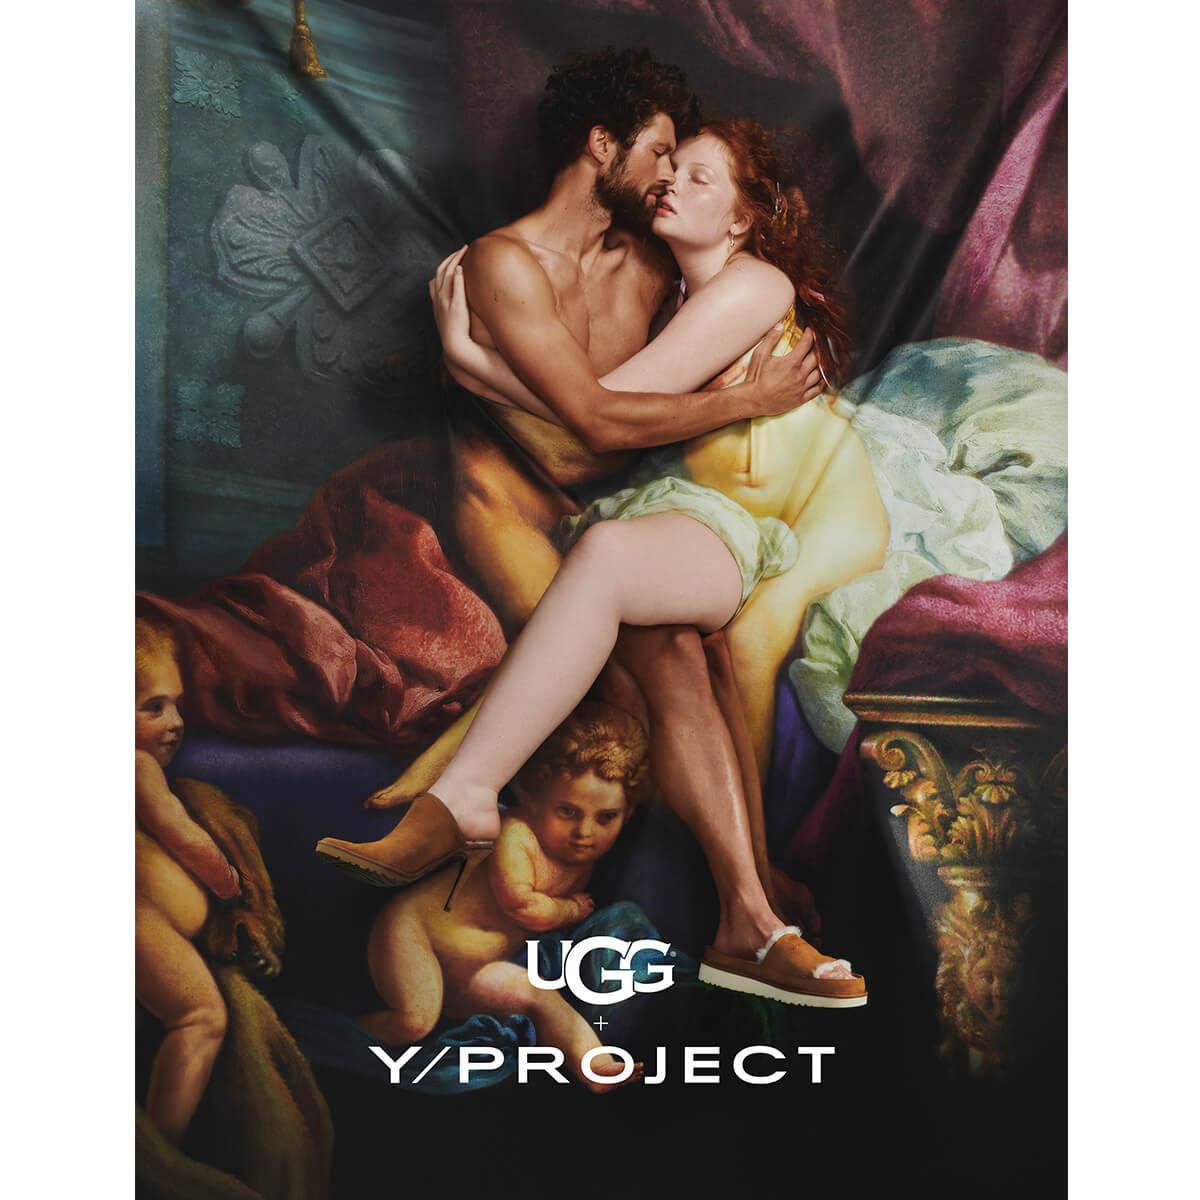 ugg-y-project-2